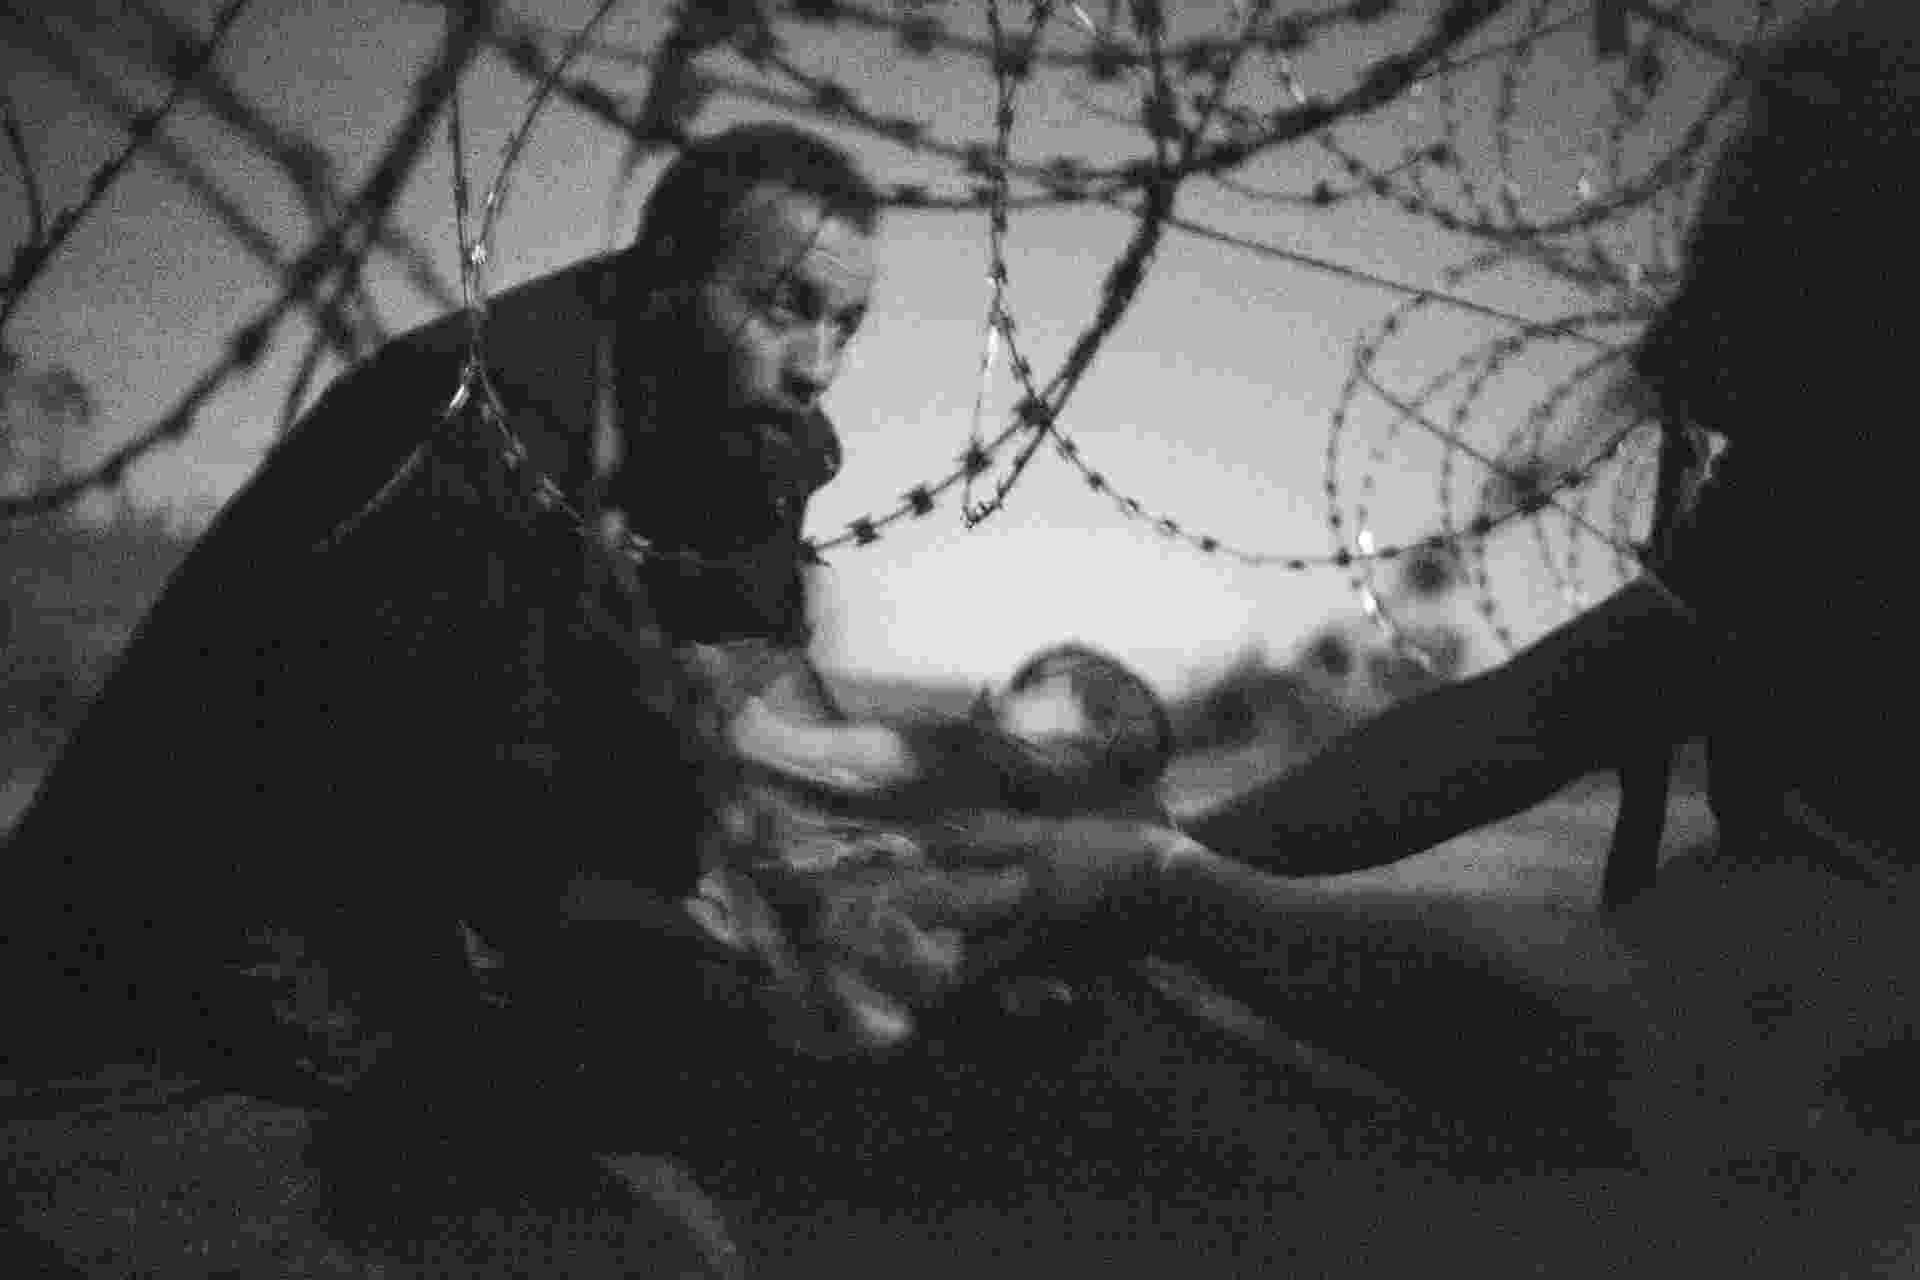 18.fev.2016 - A fotografia que ganhou o prêmio World Press Photo (WPP), do australiano Warren Richardson. A imagem em branco e preto mostra um homem passando um bebê através de uma cerca de arame na fronteira entre a Sérvia e a Hungria. - Warren Richardson/World Press/EFE